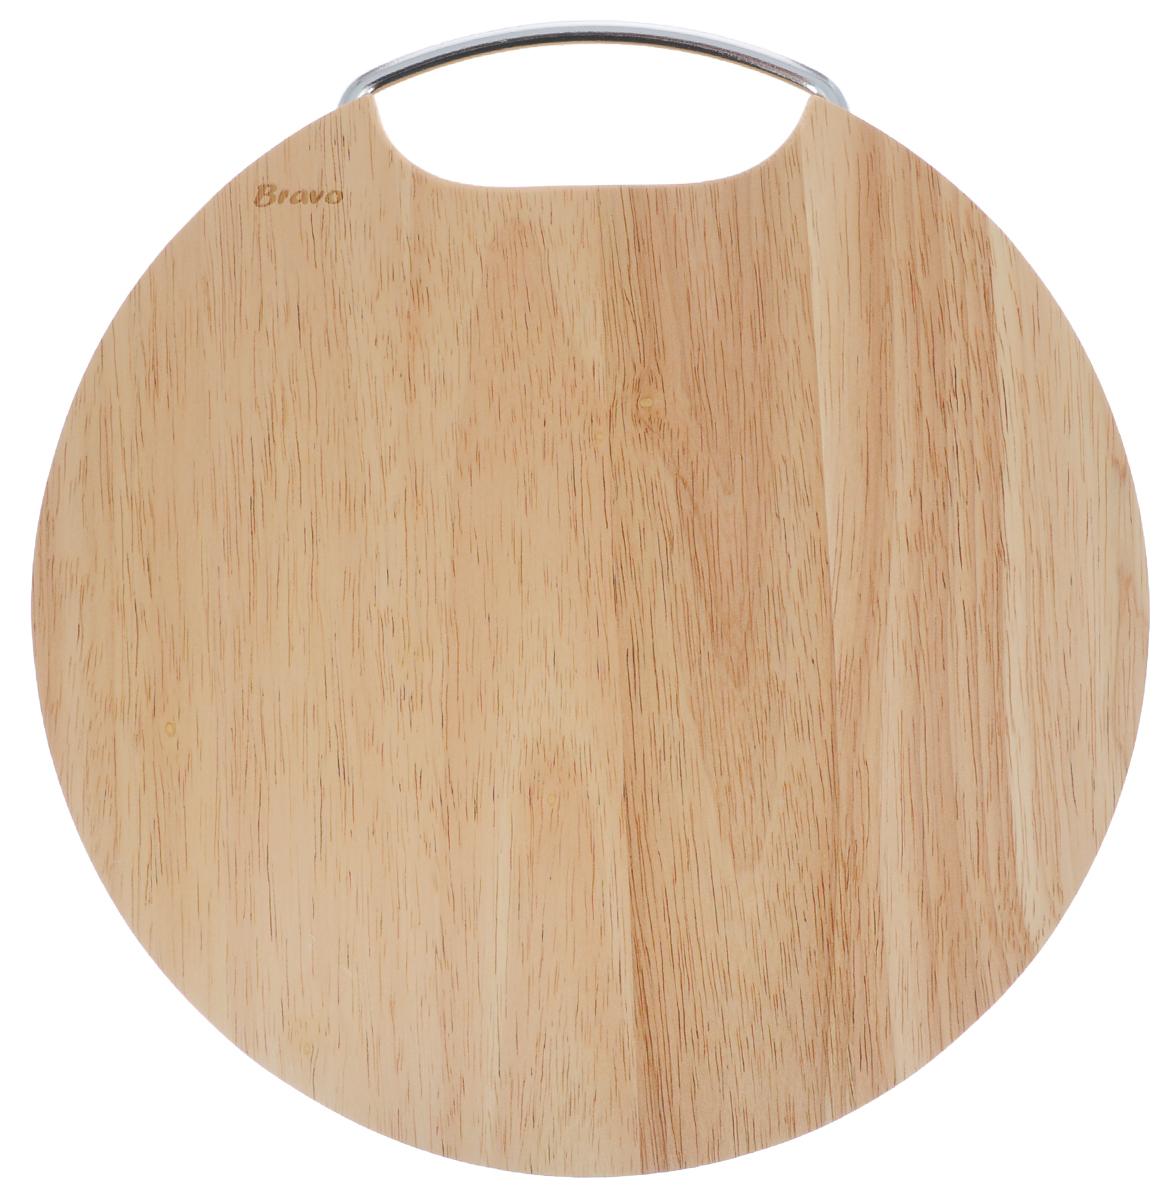 Доска разделочная Bravo, с ручкой, диаметр 28 см406Доска разделочная Bravo изготовлена из гевеи. Гевея входит в семейство элитного красного дерева. Изделия из этого дерева отличаются твердостью, долговечностью и стойкостью к гниению. Доска оснащена металлической ручкой.Функциональная и простая в использовании, разделочная доска Bravo прекрасно впишется в интерьер любой кухни и прослужит вам долгие годы. Не рекомендуется мыть в посудомоечной машине.Диаметр доски: 28 см. Толщина доски: 2 см.